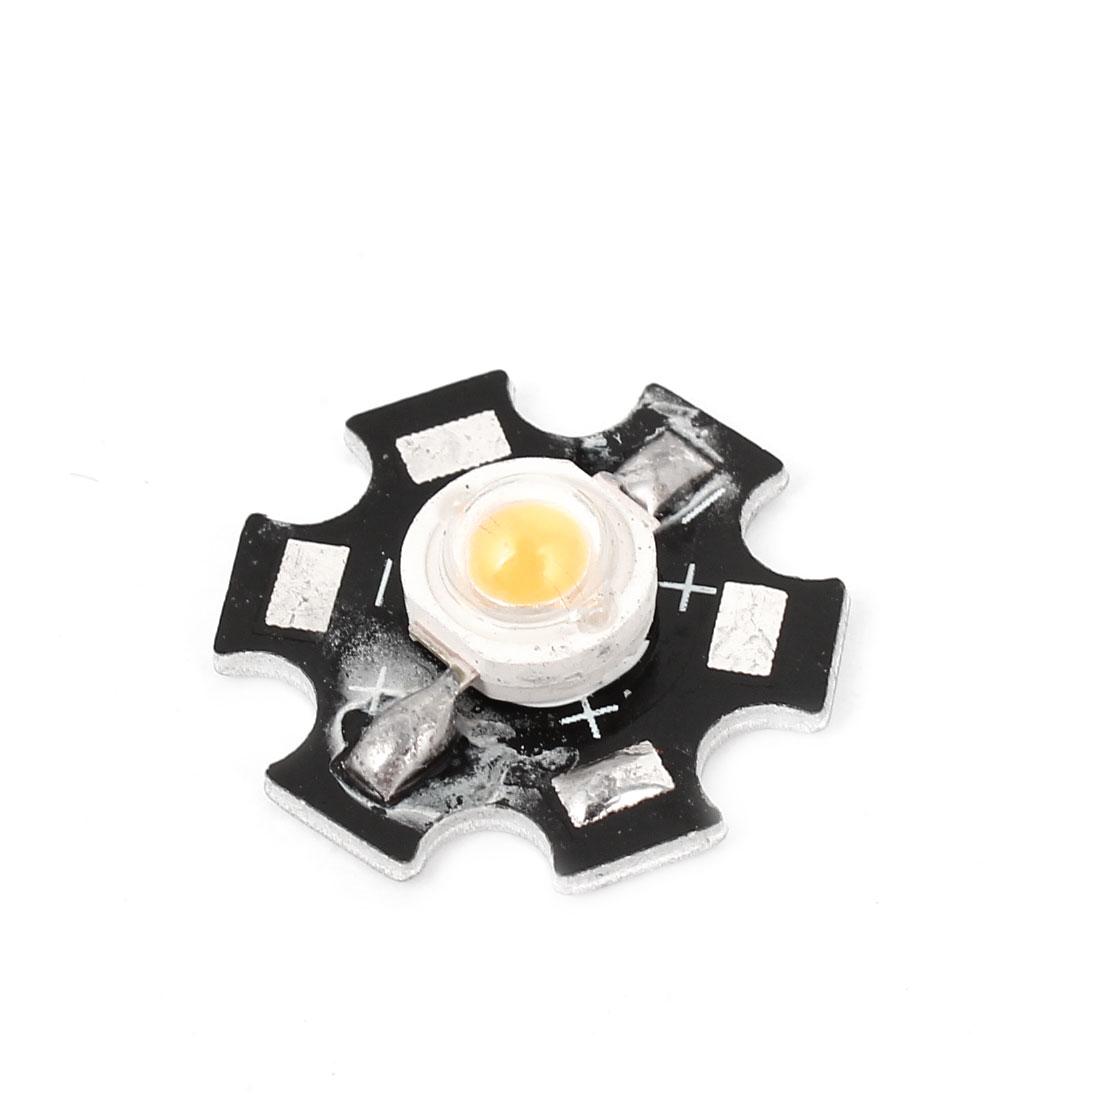 1W 3000-3500K Warm White Light LED Lamp Bead Emitter 110-120LM w Base